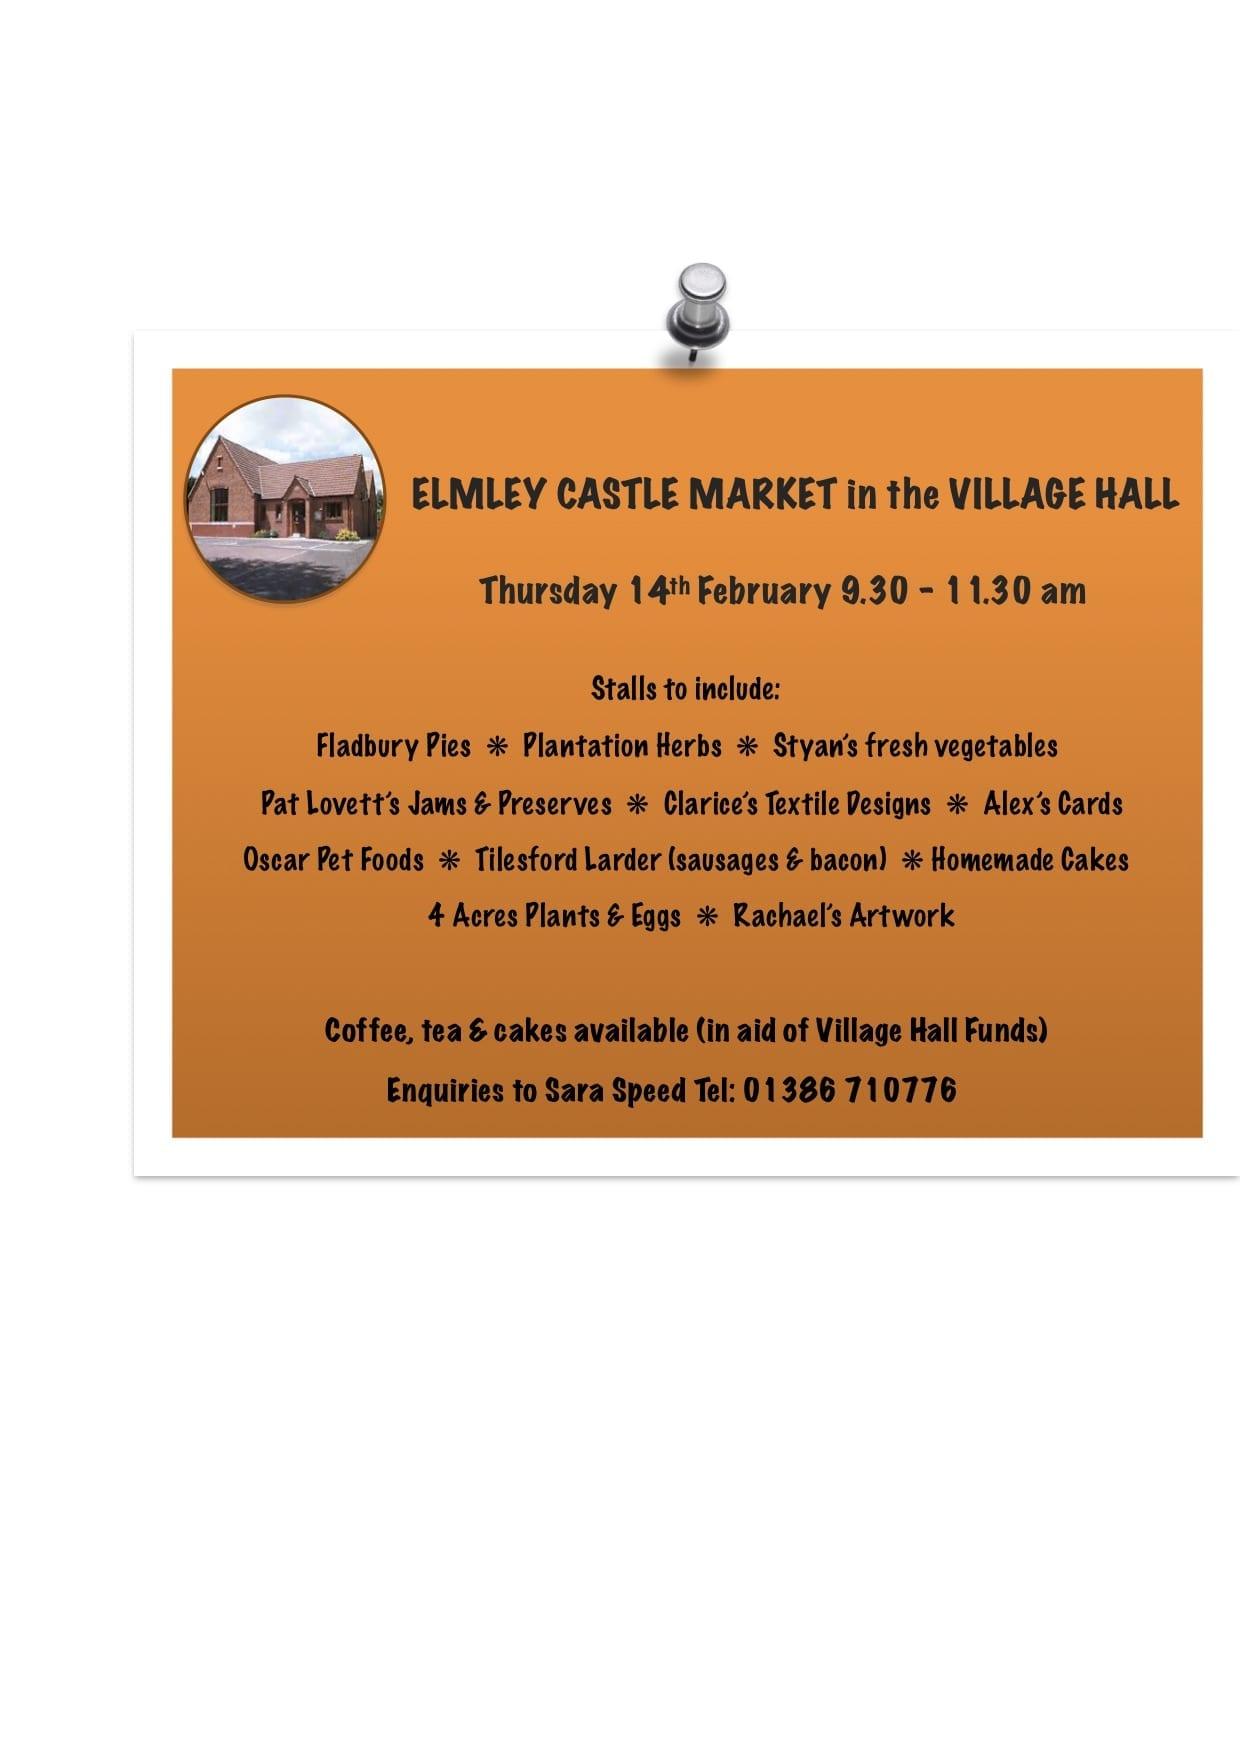 Elmley Castle Market Thursday 14th February